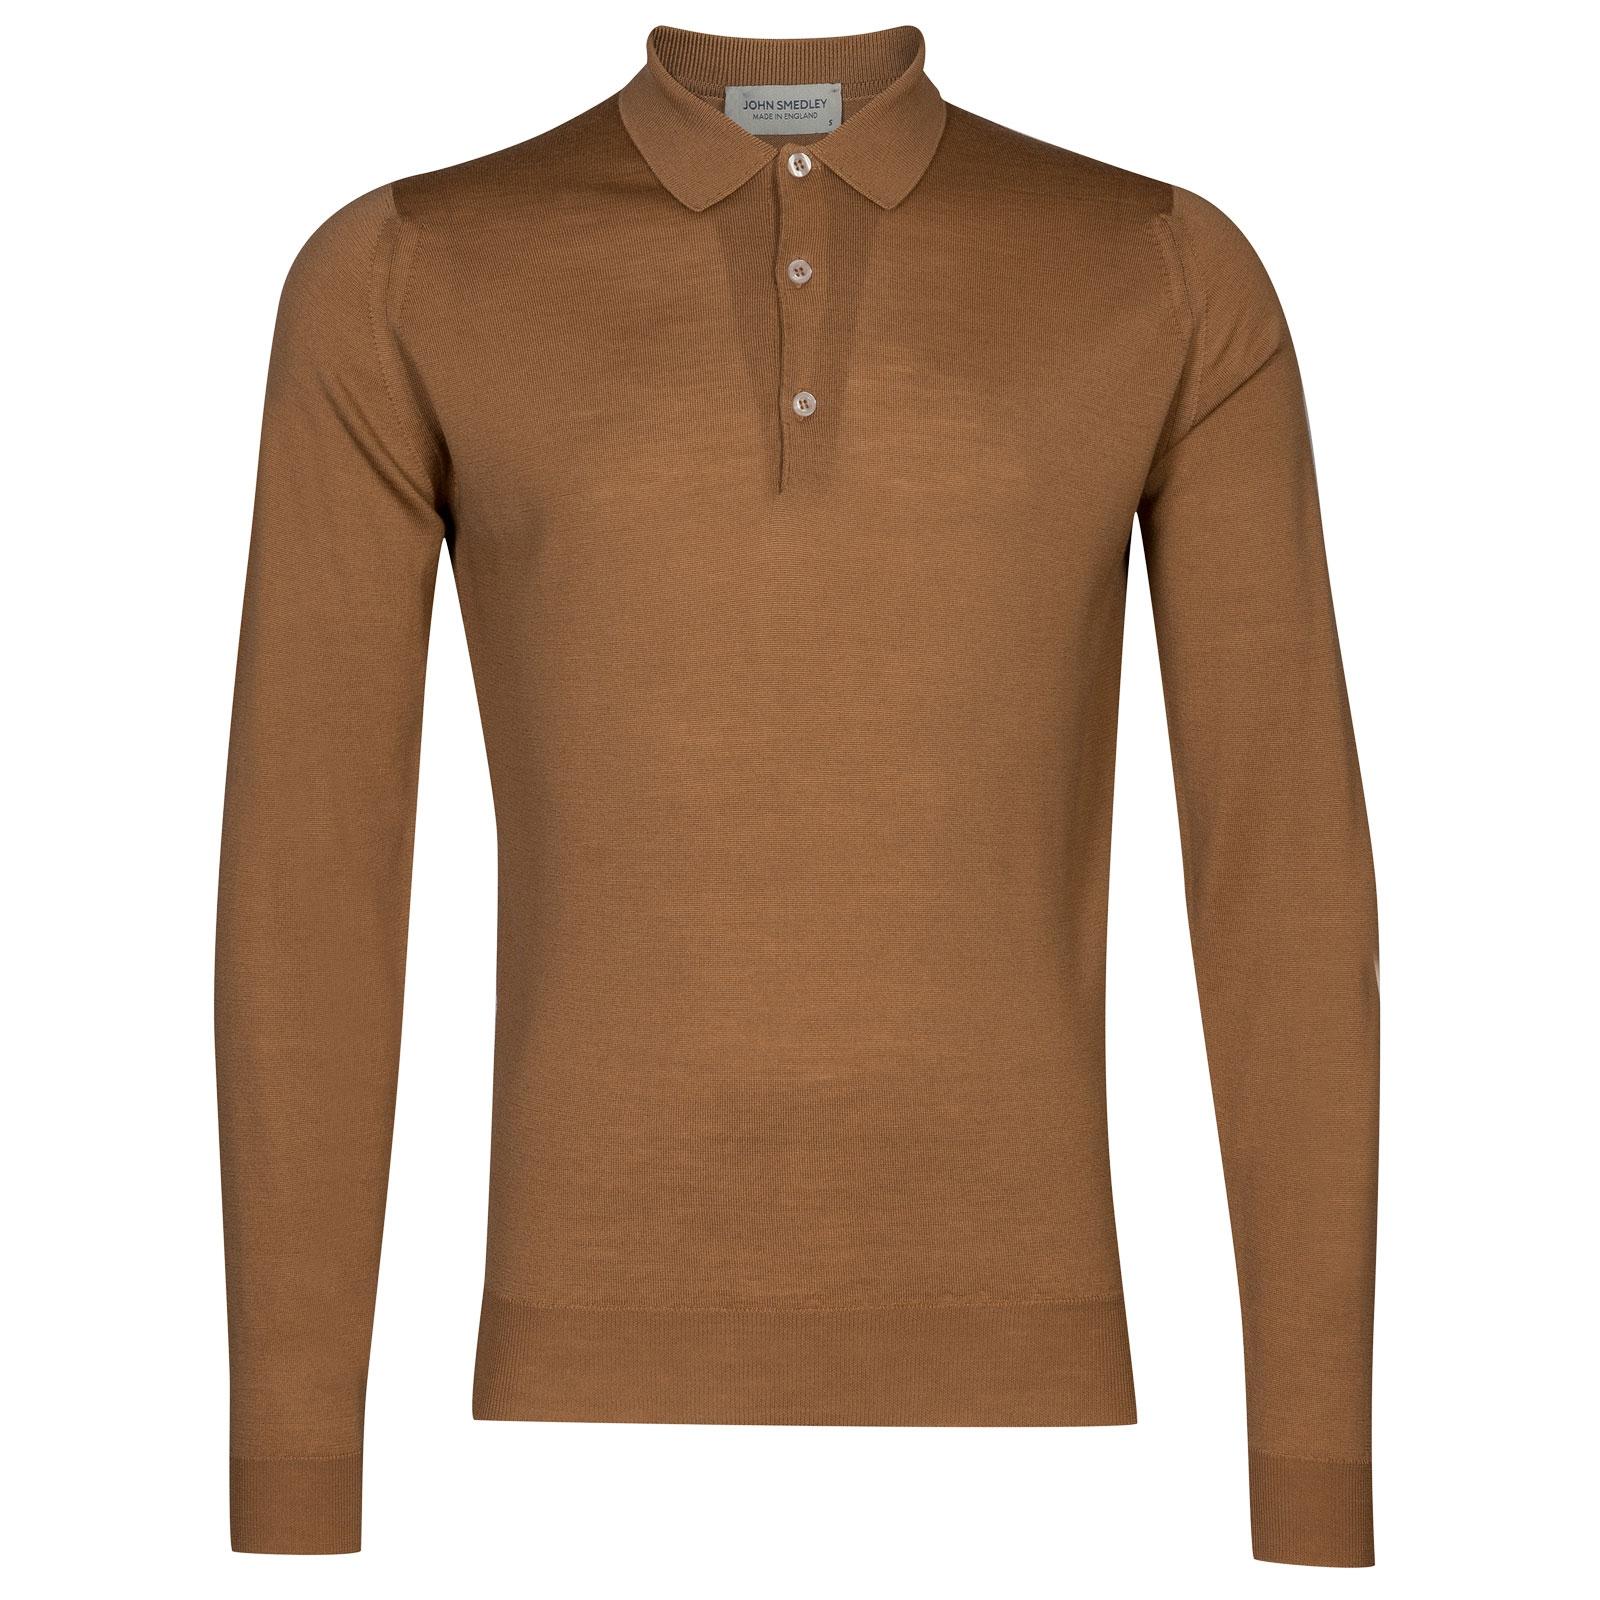 John Smedley Belper in Camel Shirt-SML